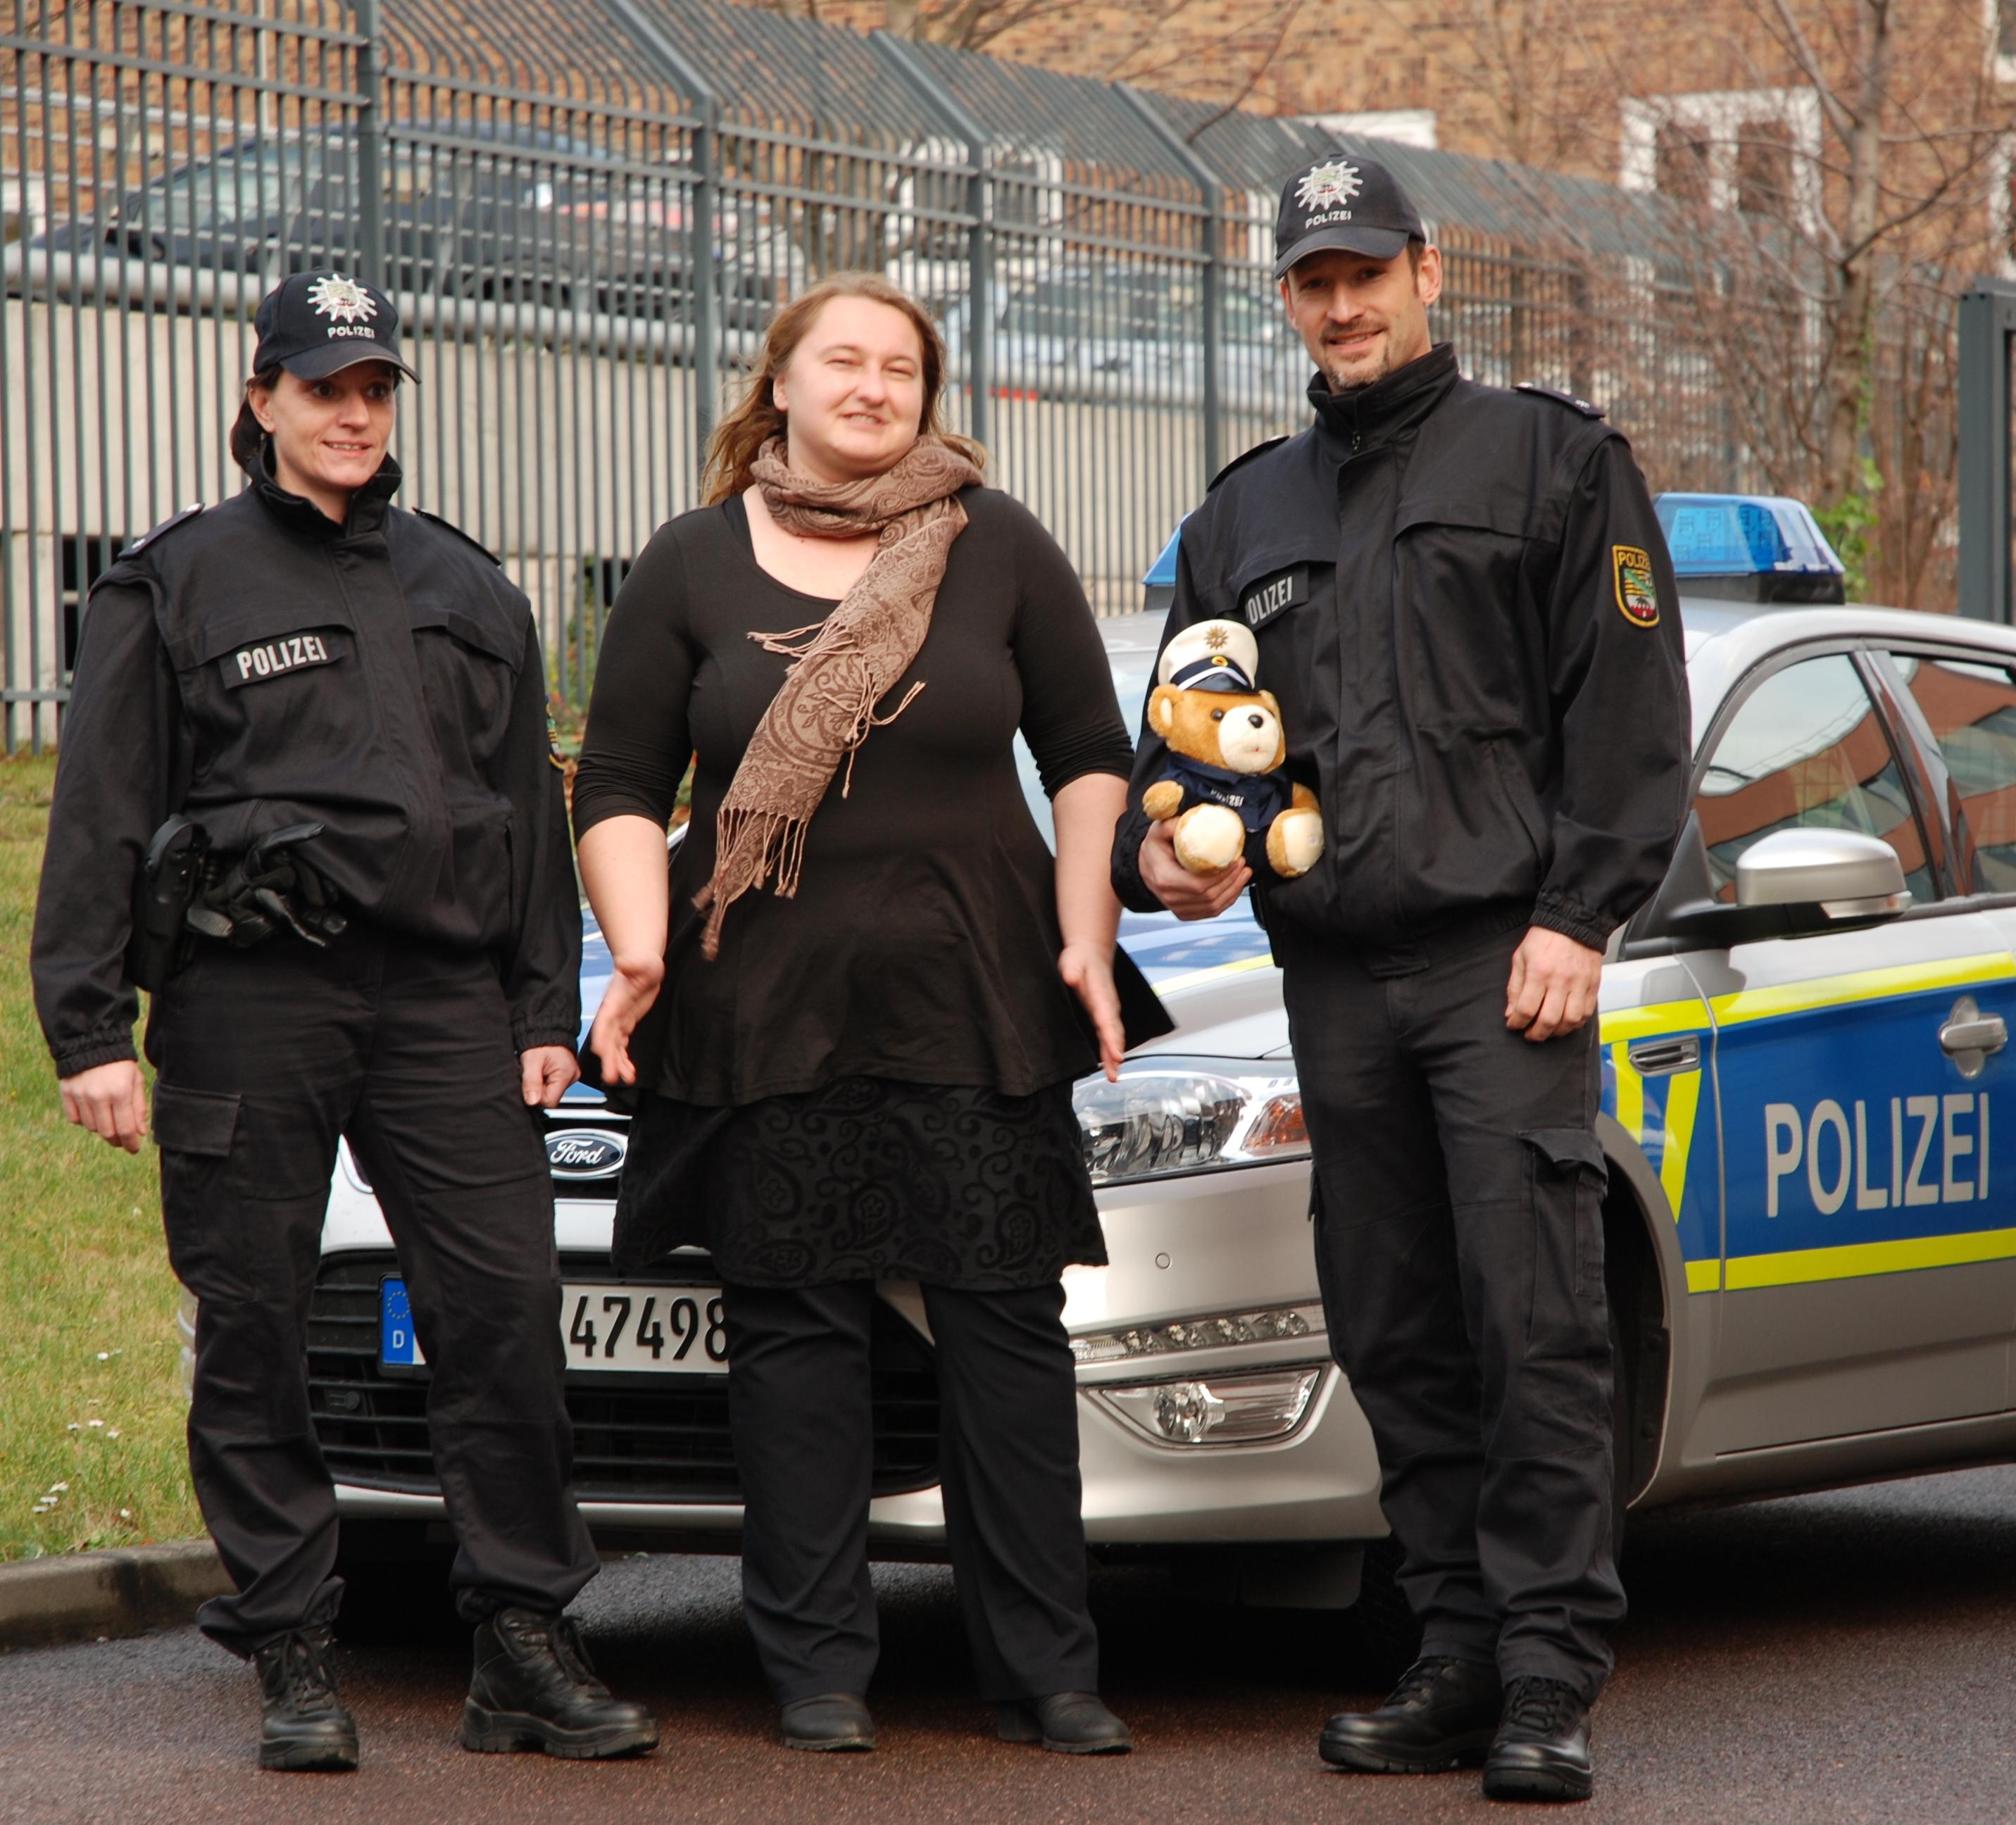 Polizei Plüschteddys Ab Sofort Wieder Erhältlich Hallespektrumde